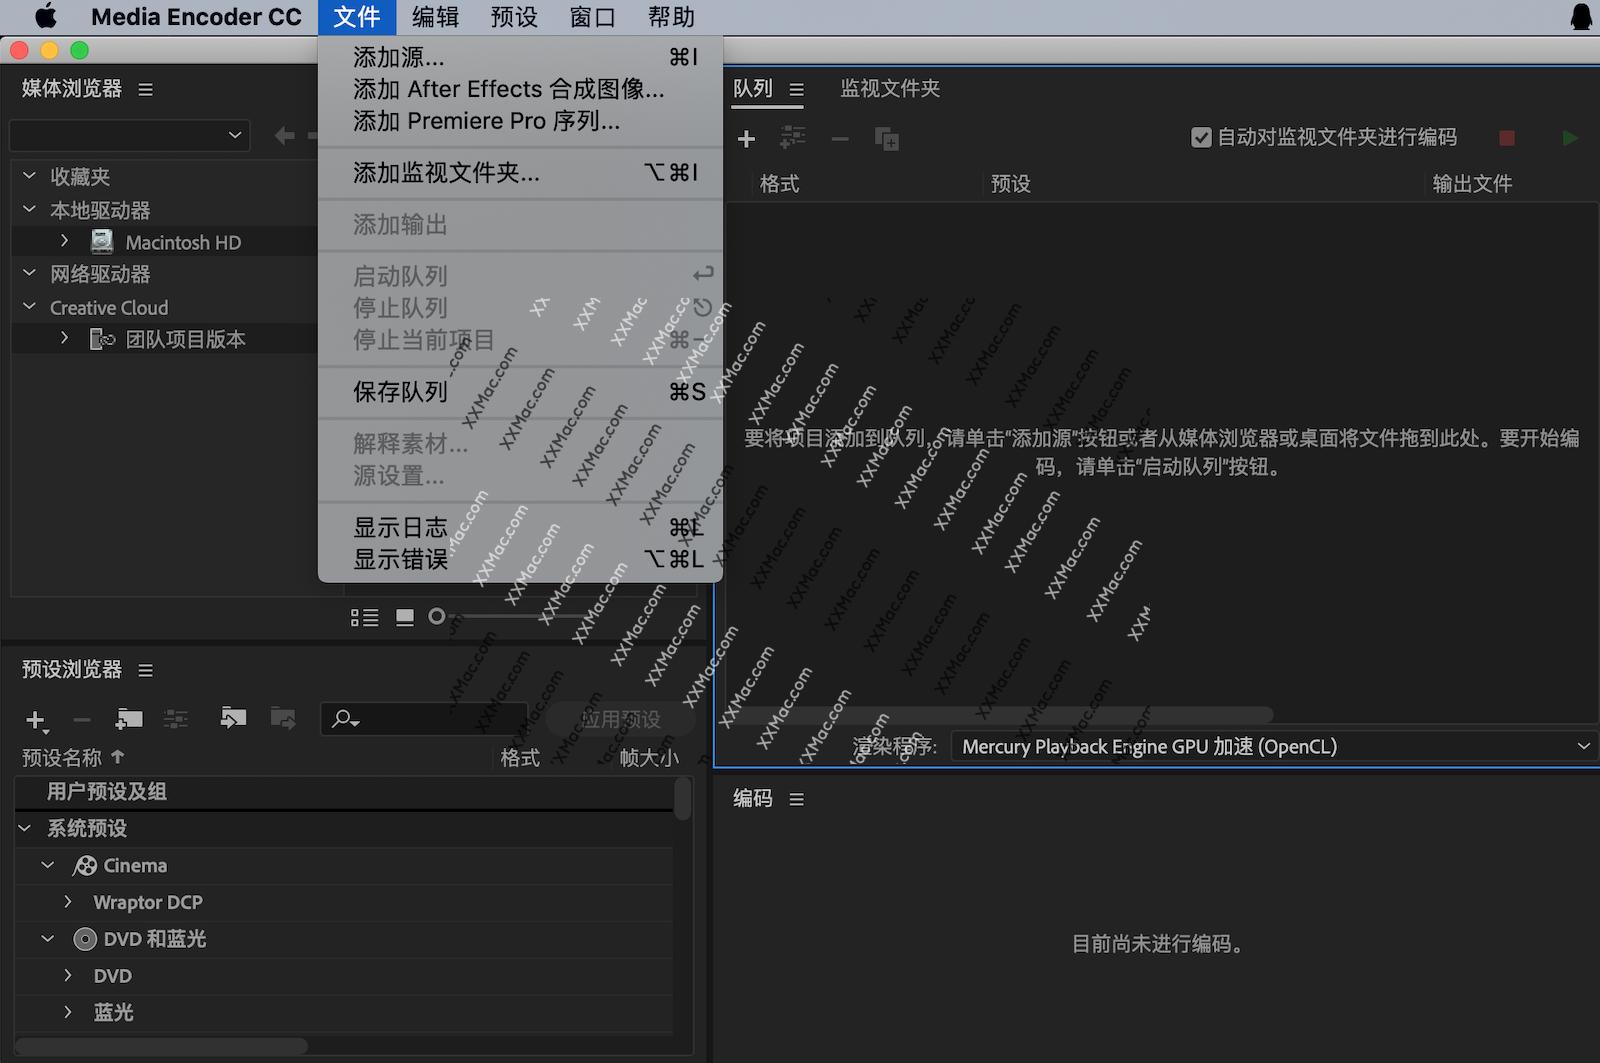 Adobe Media Encoder CC 2018 v12.1.2 for Mac中文破解版 视频和音频编码应用